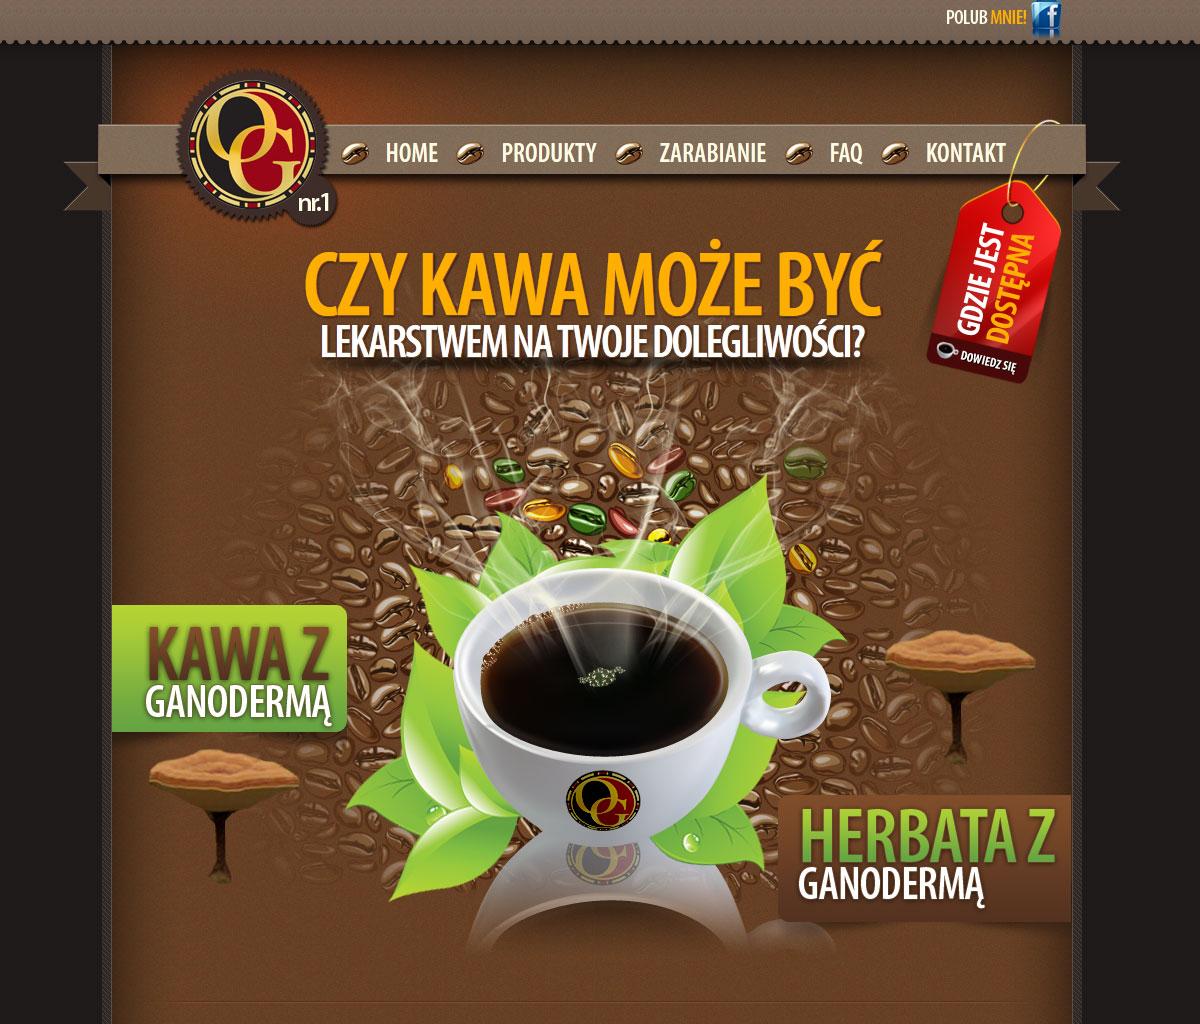 Organo-gold-kawa.pl